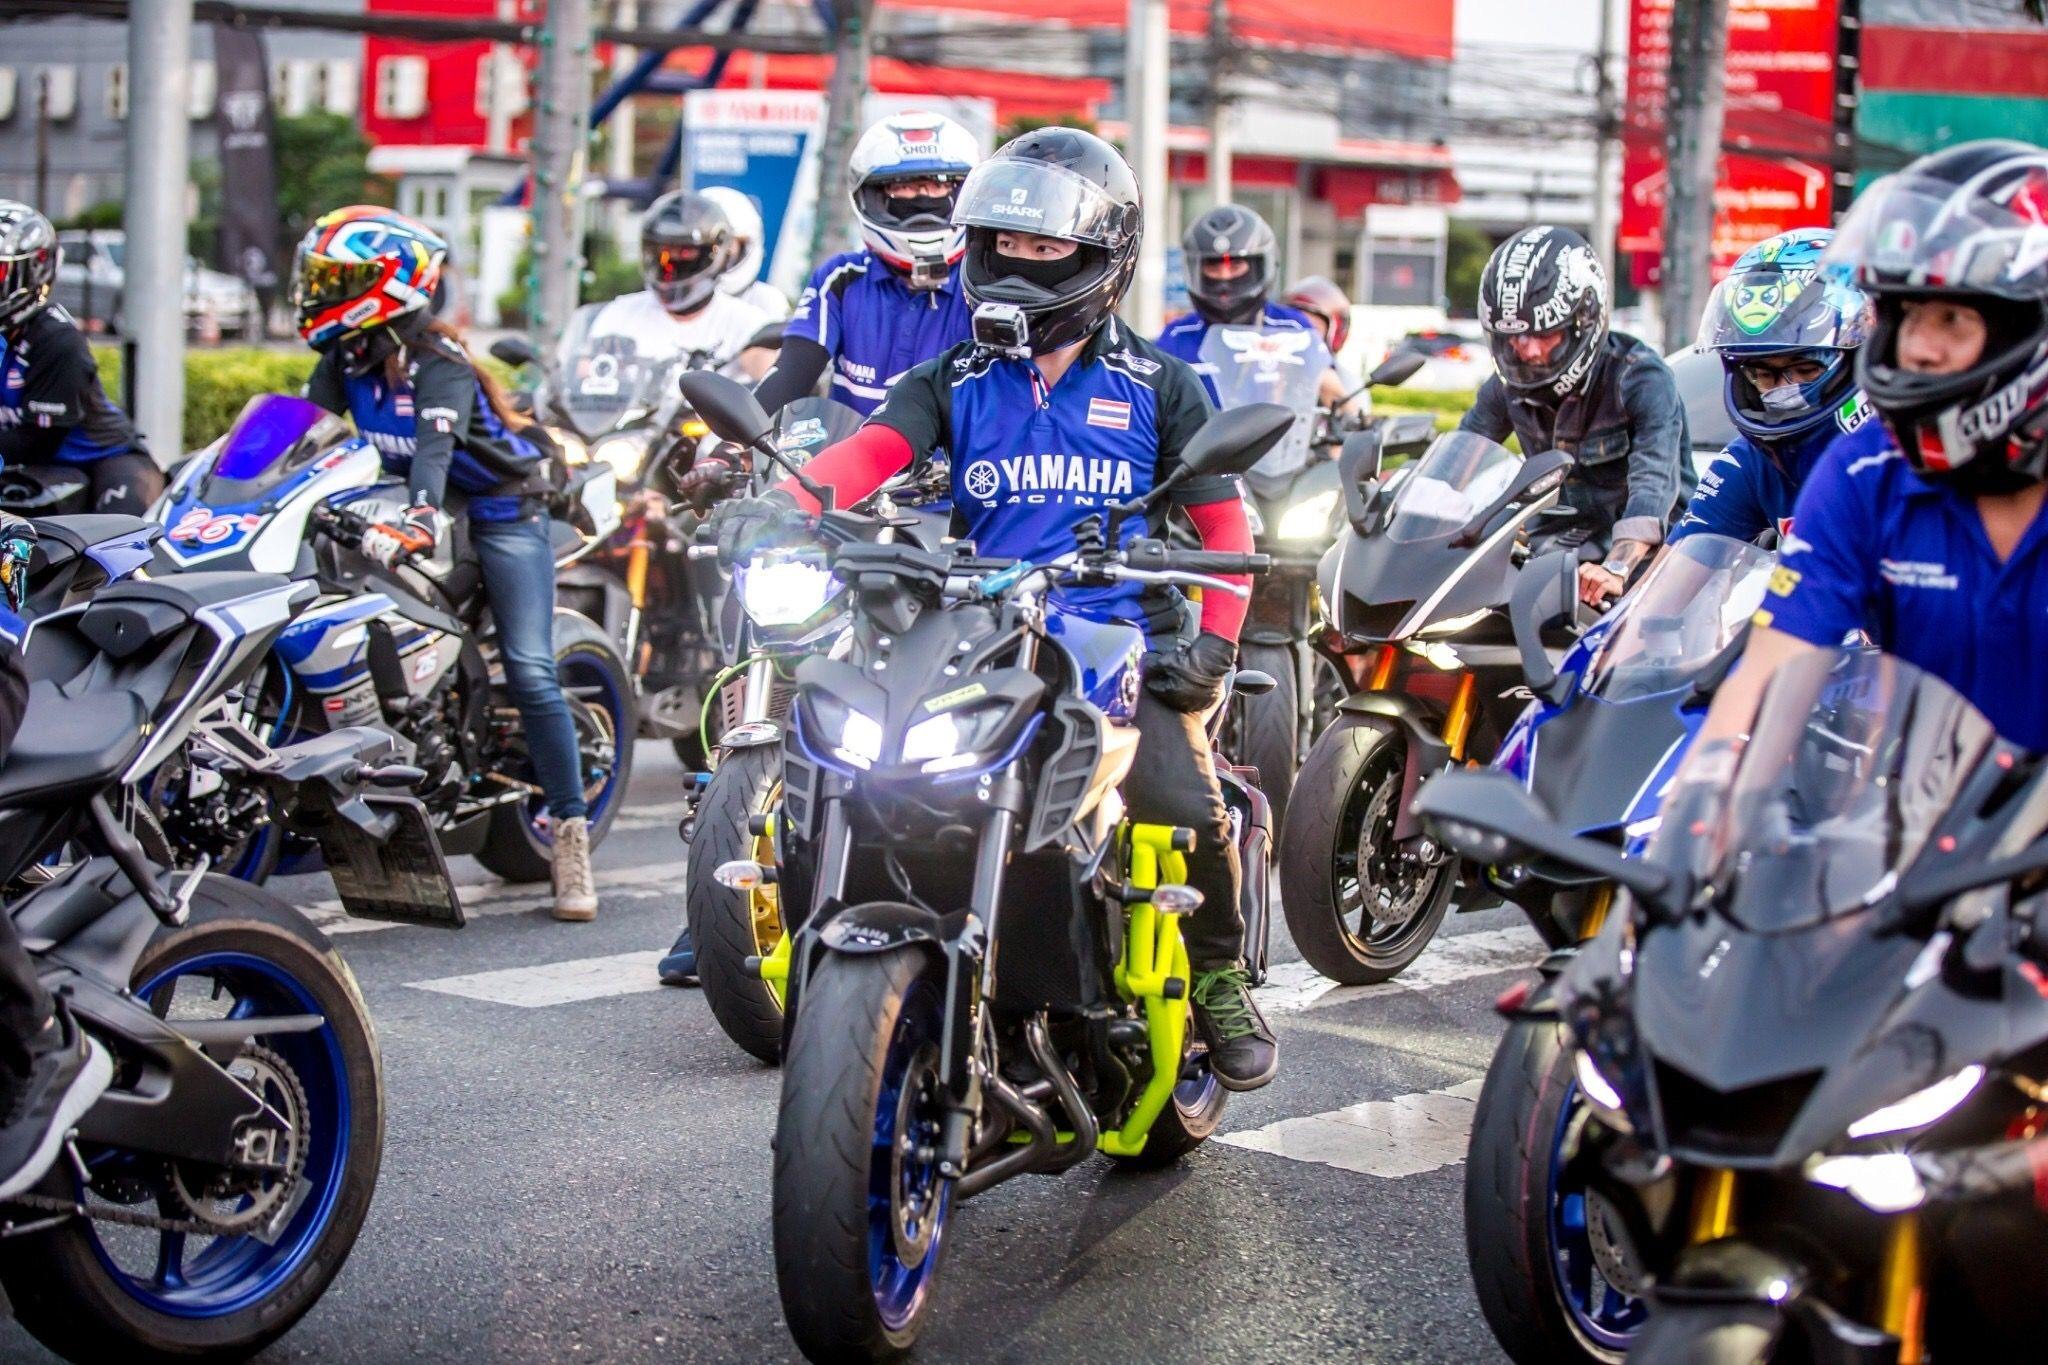 ปักพินโดย Malang Mun Bike ใน Yamaha